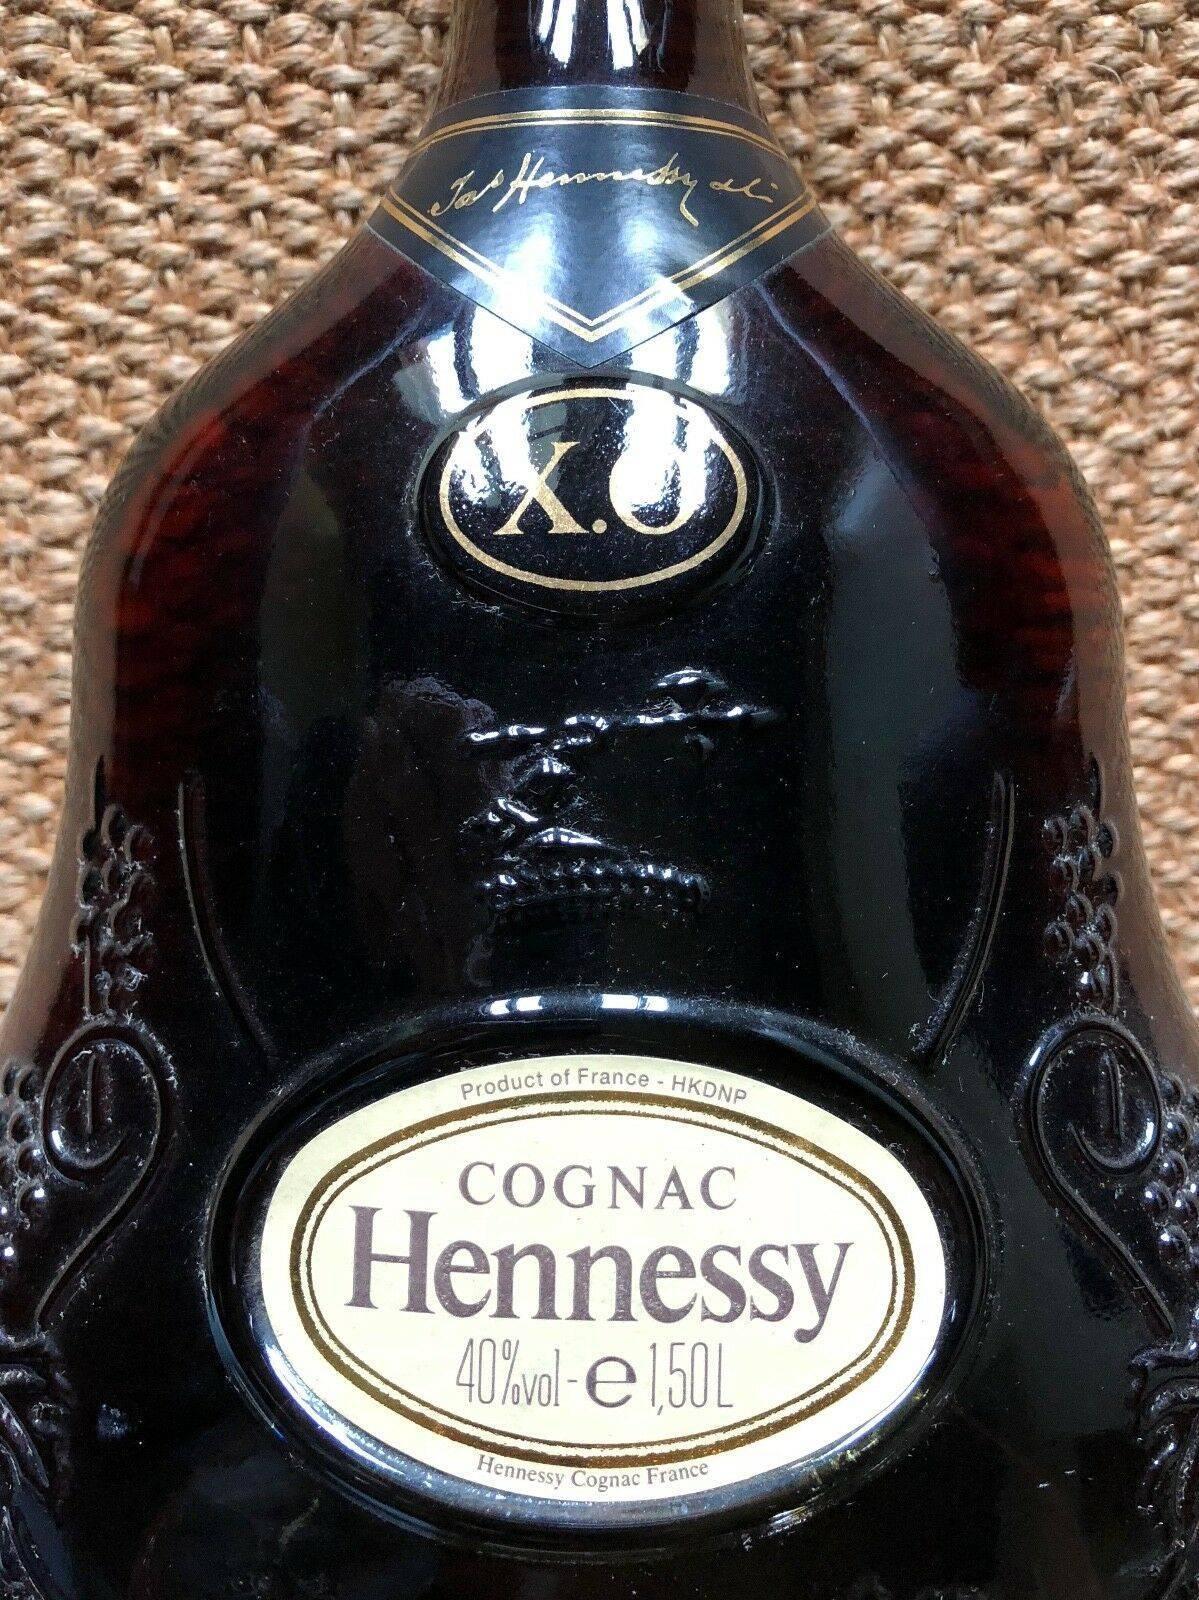 Хеннесси (hennessy): особенности и виды легендарного французского коньяка | inshaker | яндекс дзен